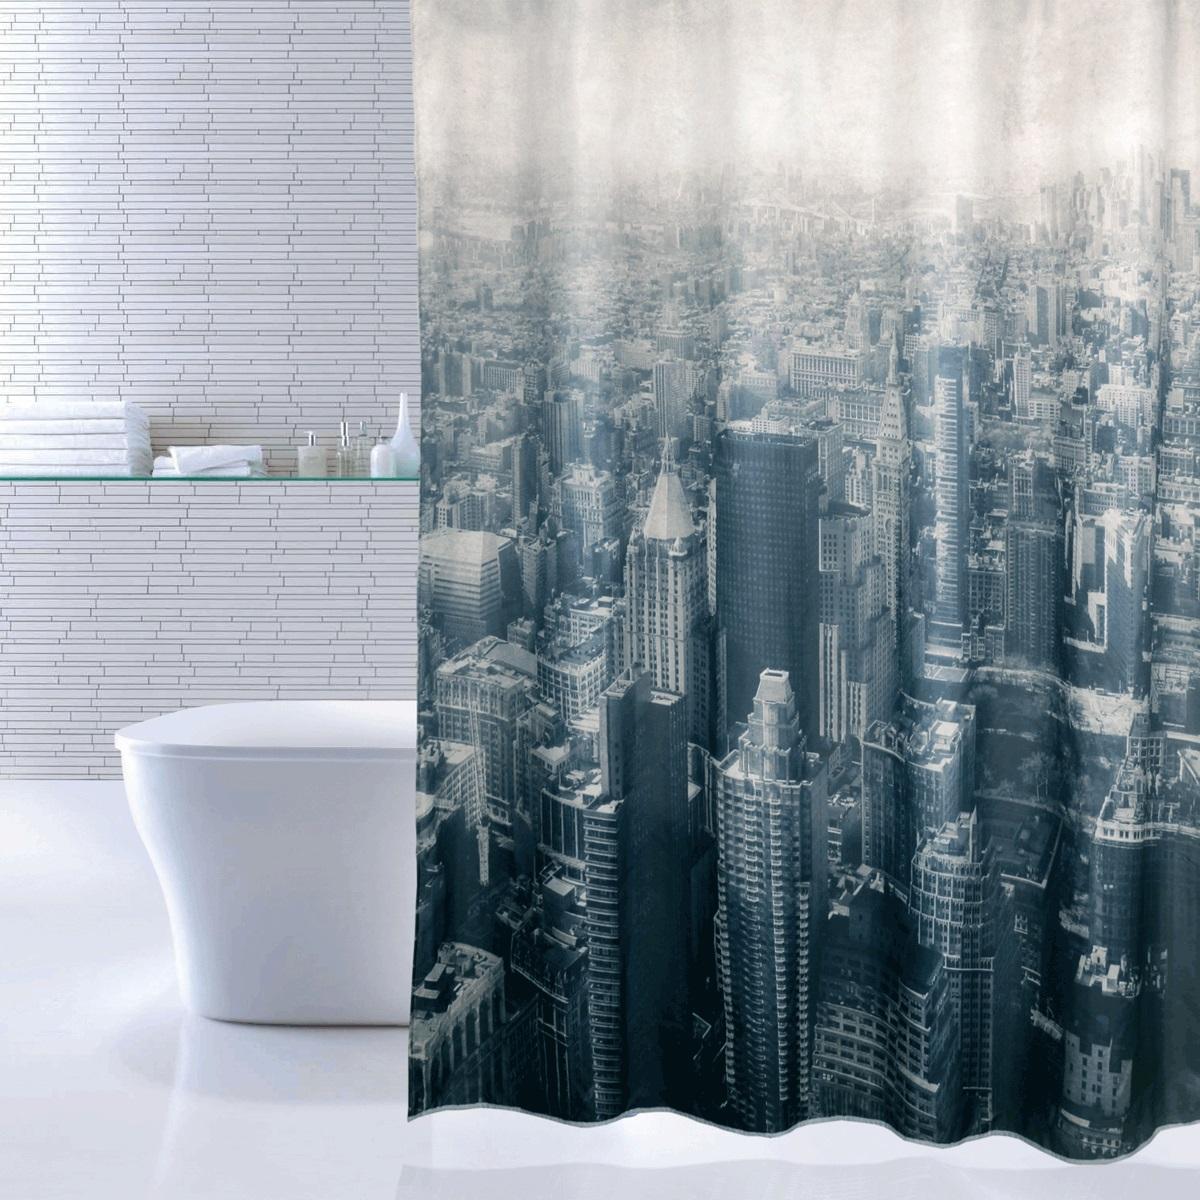 Штора для ванной Iddis Megapolis, цвет: белый, черный, 180 x 200 см610P18Ri11Штора для ванной комнаты Iddis выполнена из быстросохнущего материала - 100% полиэстера, что обеспечивает прочность изделия и легкость ухода за ним.Материал шторы пропитан специальным водоотталкивающим составом Waterprof.Изделие изготовлено из экологически-чистого материала, оно обладает высокой степенью гигиеничности, не вызывает аллергических реакций.Штора имеет 12 встроенных колец и утяжеляющую нить.